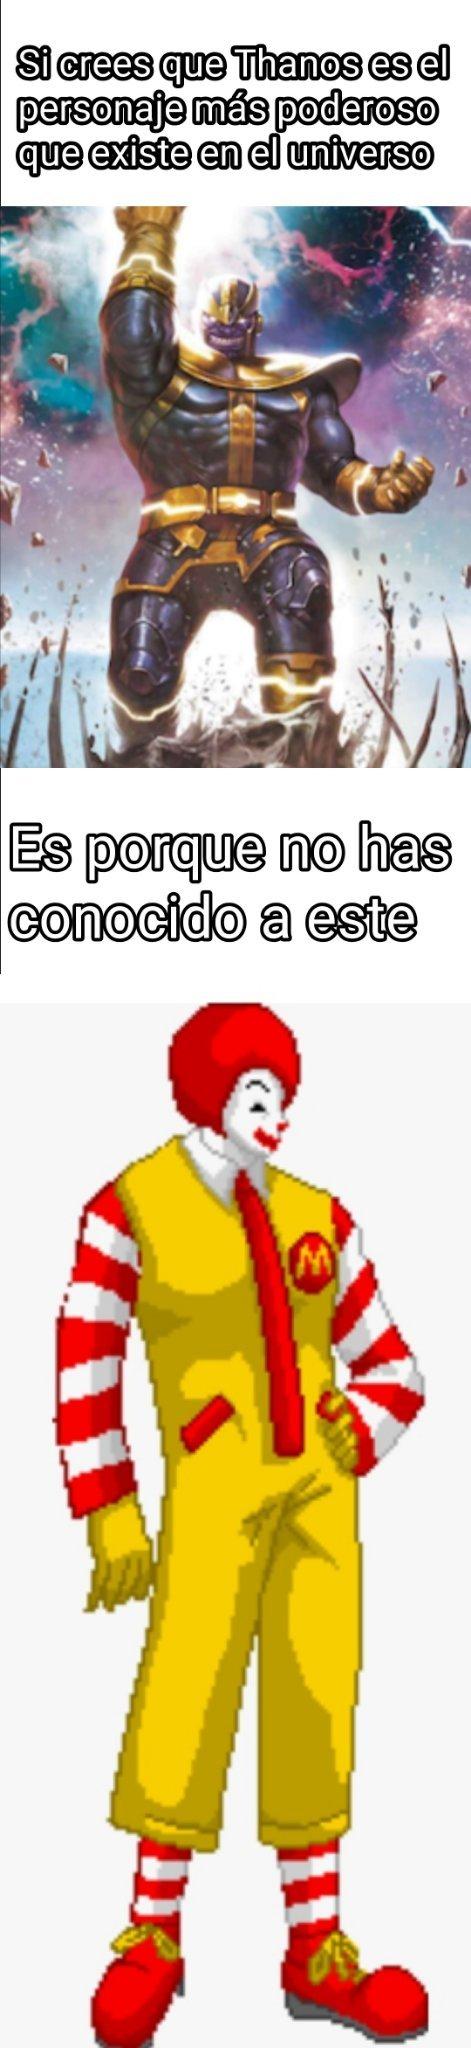 Ronald MC Donald siempre será invencible - meme